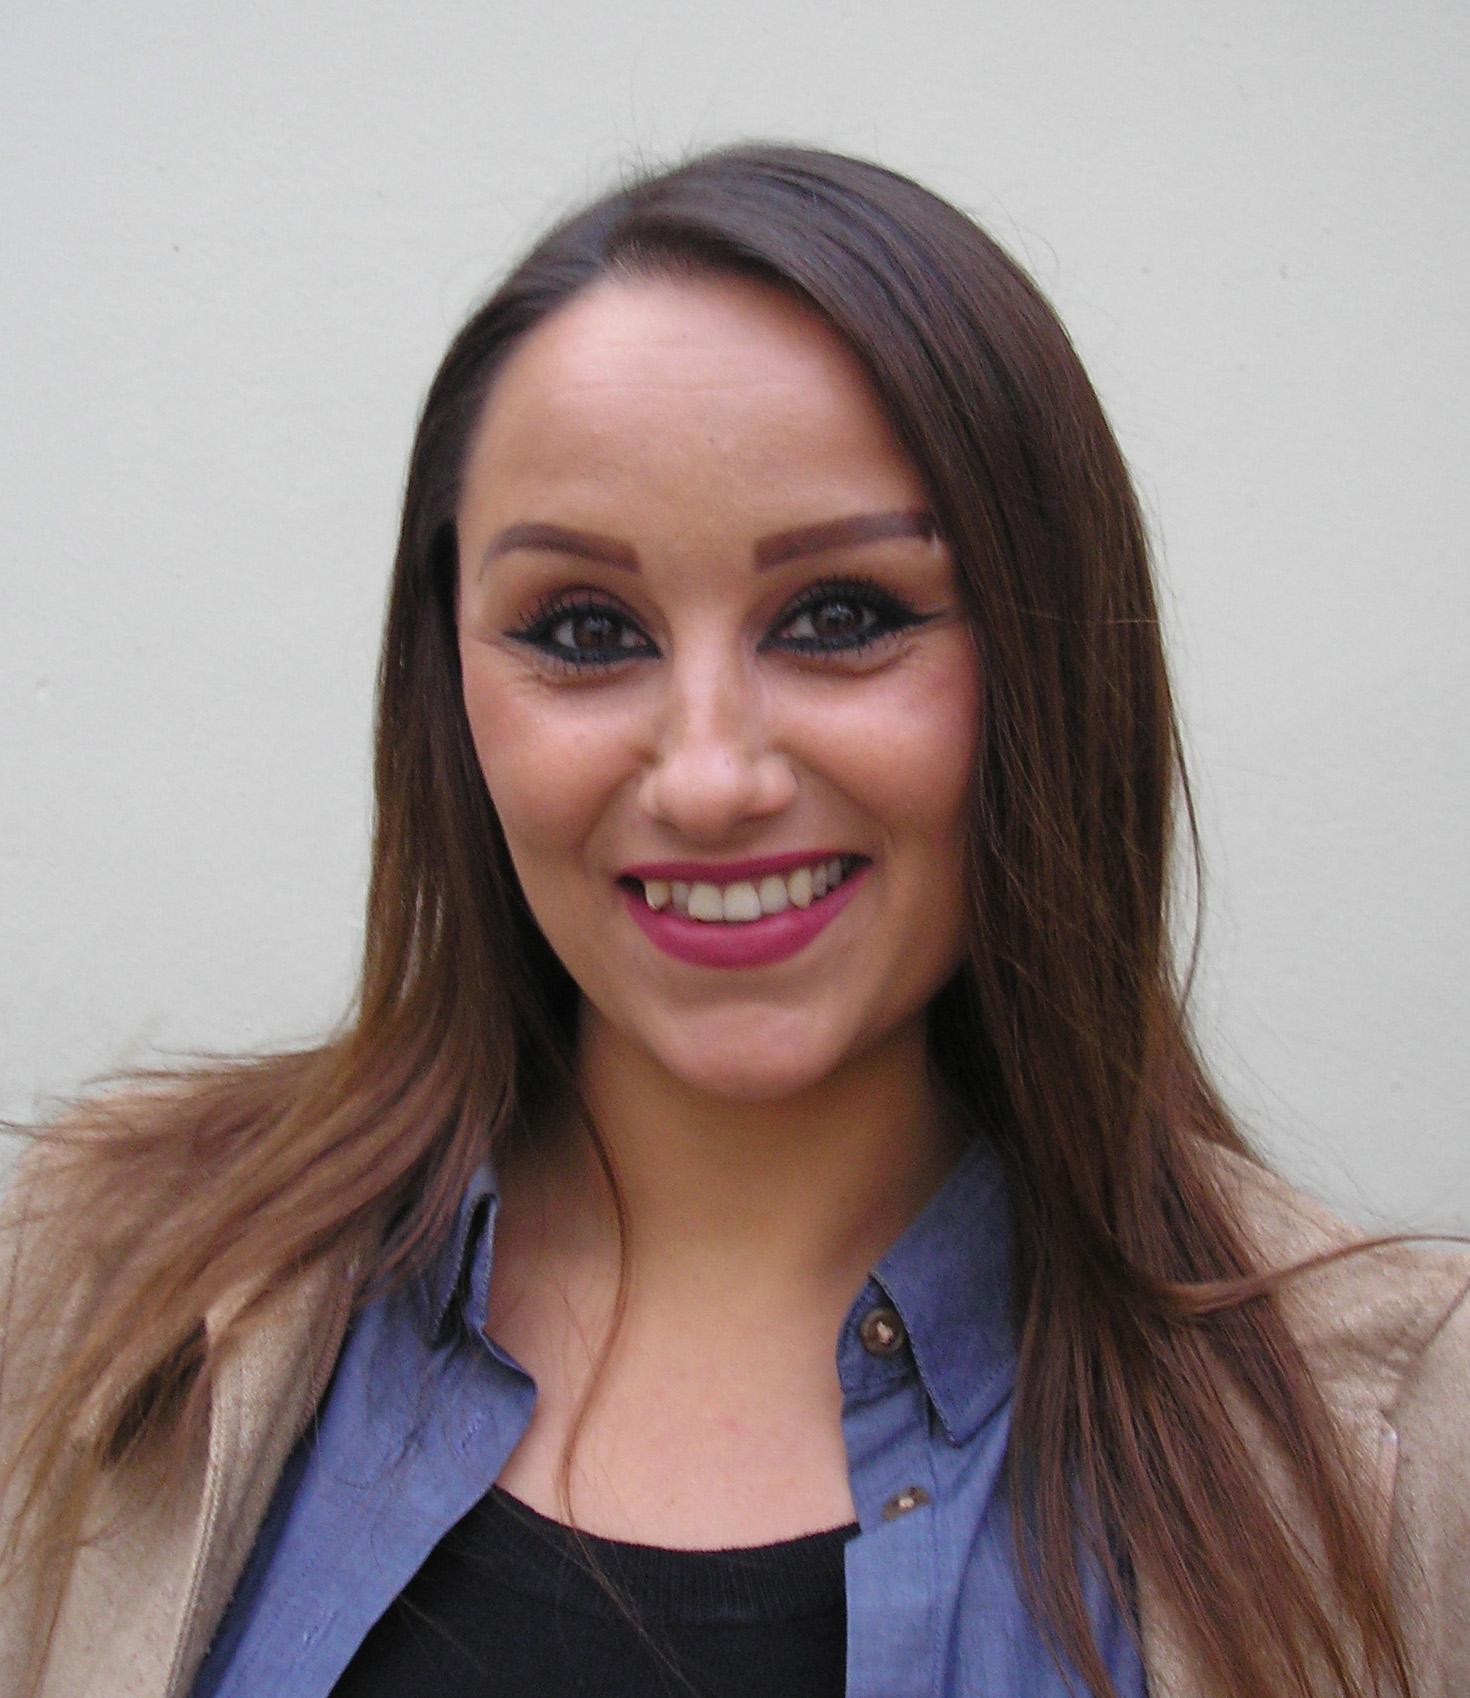 Zoe Rashwan